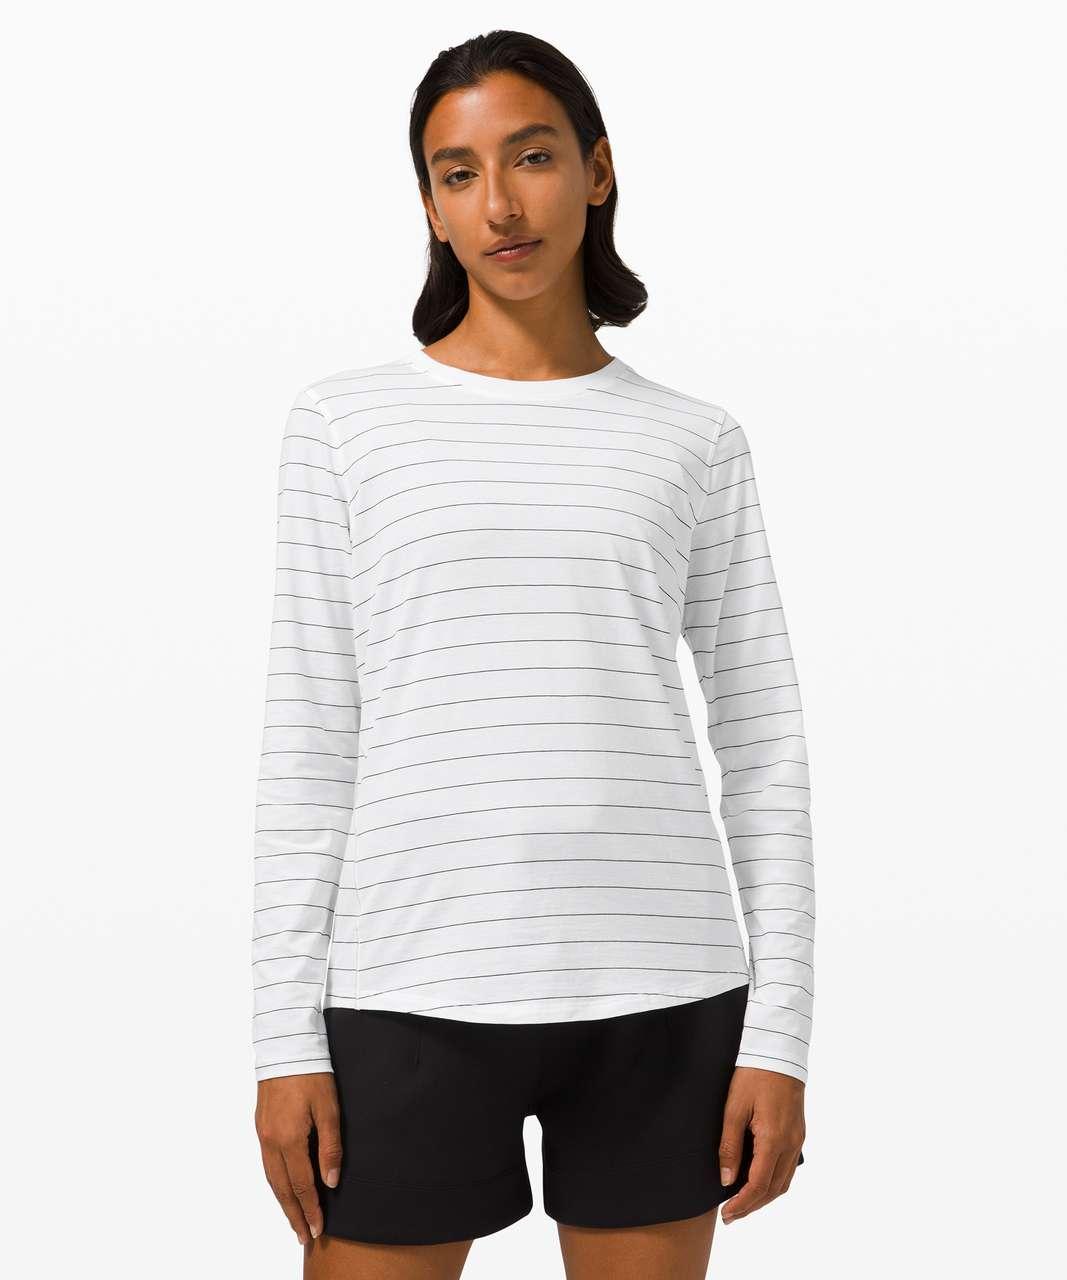 Lululemon Ever Ready Long Sleeve - Short Serve Stripe White Black